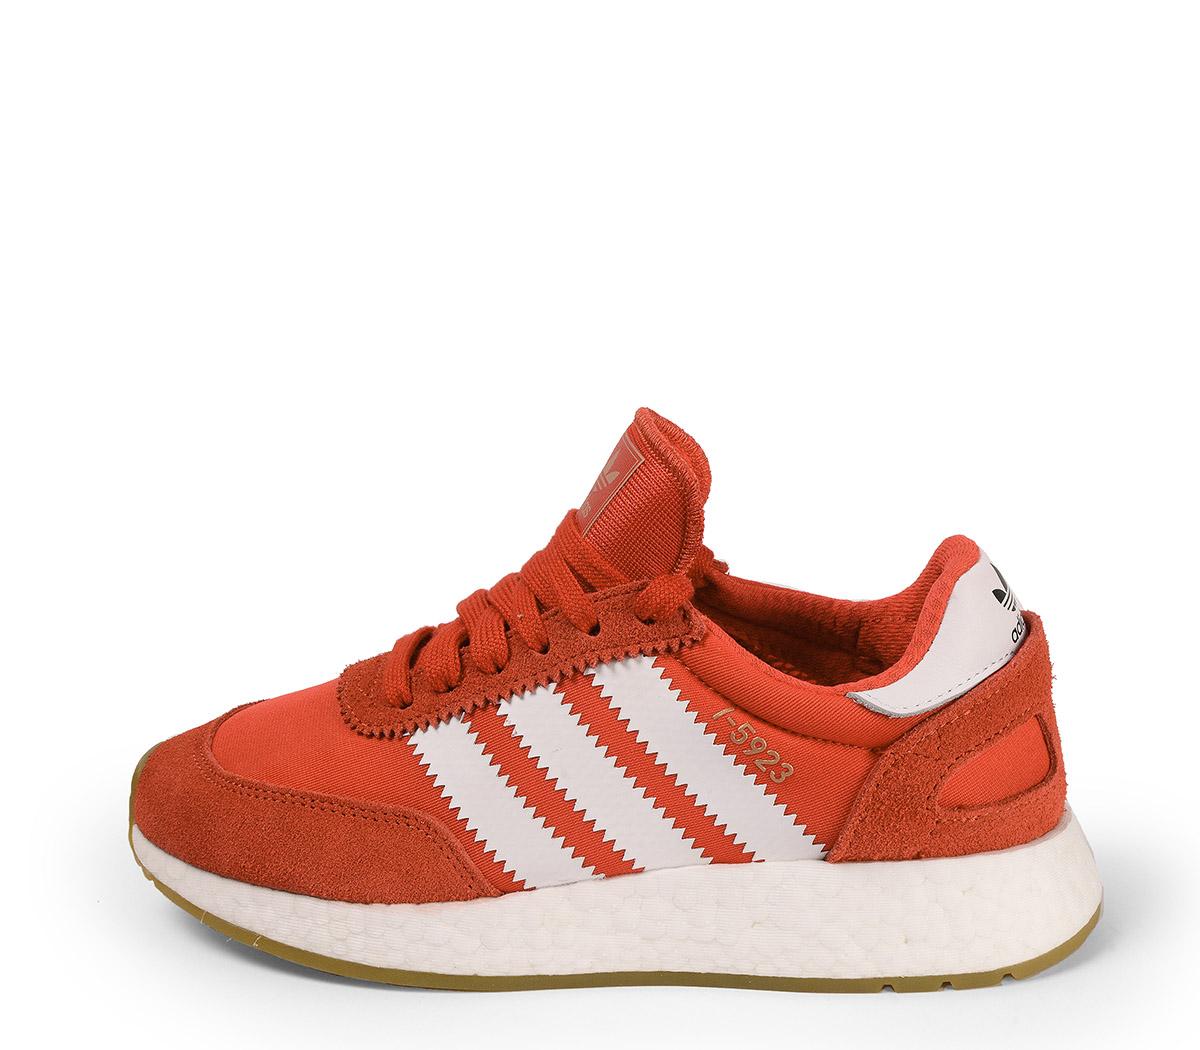 Ref. 3902 Adidas I-5923 combinado serraje y tela roja con detalles en blanco. Suela blanca. Cordones al tono con punta metálica.